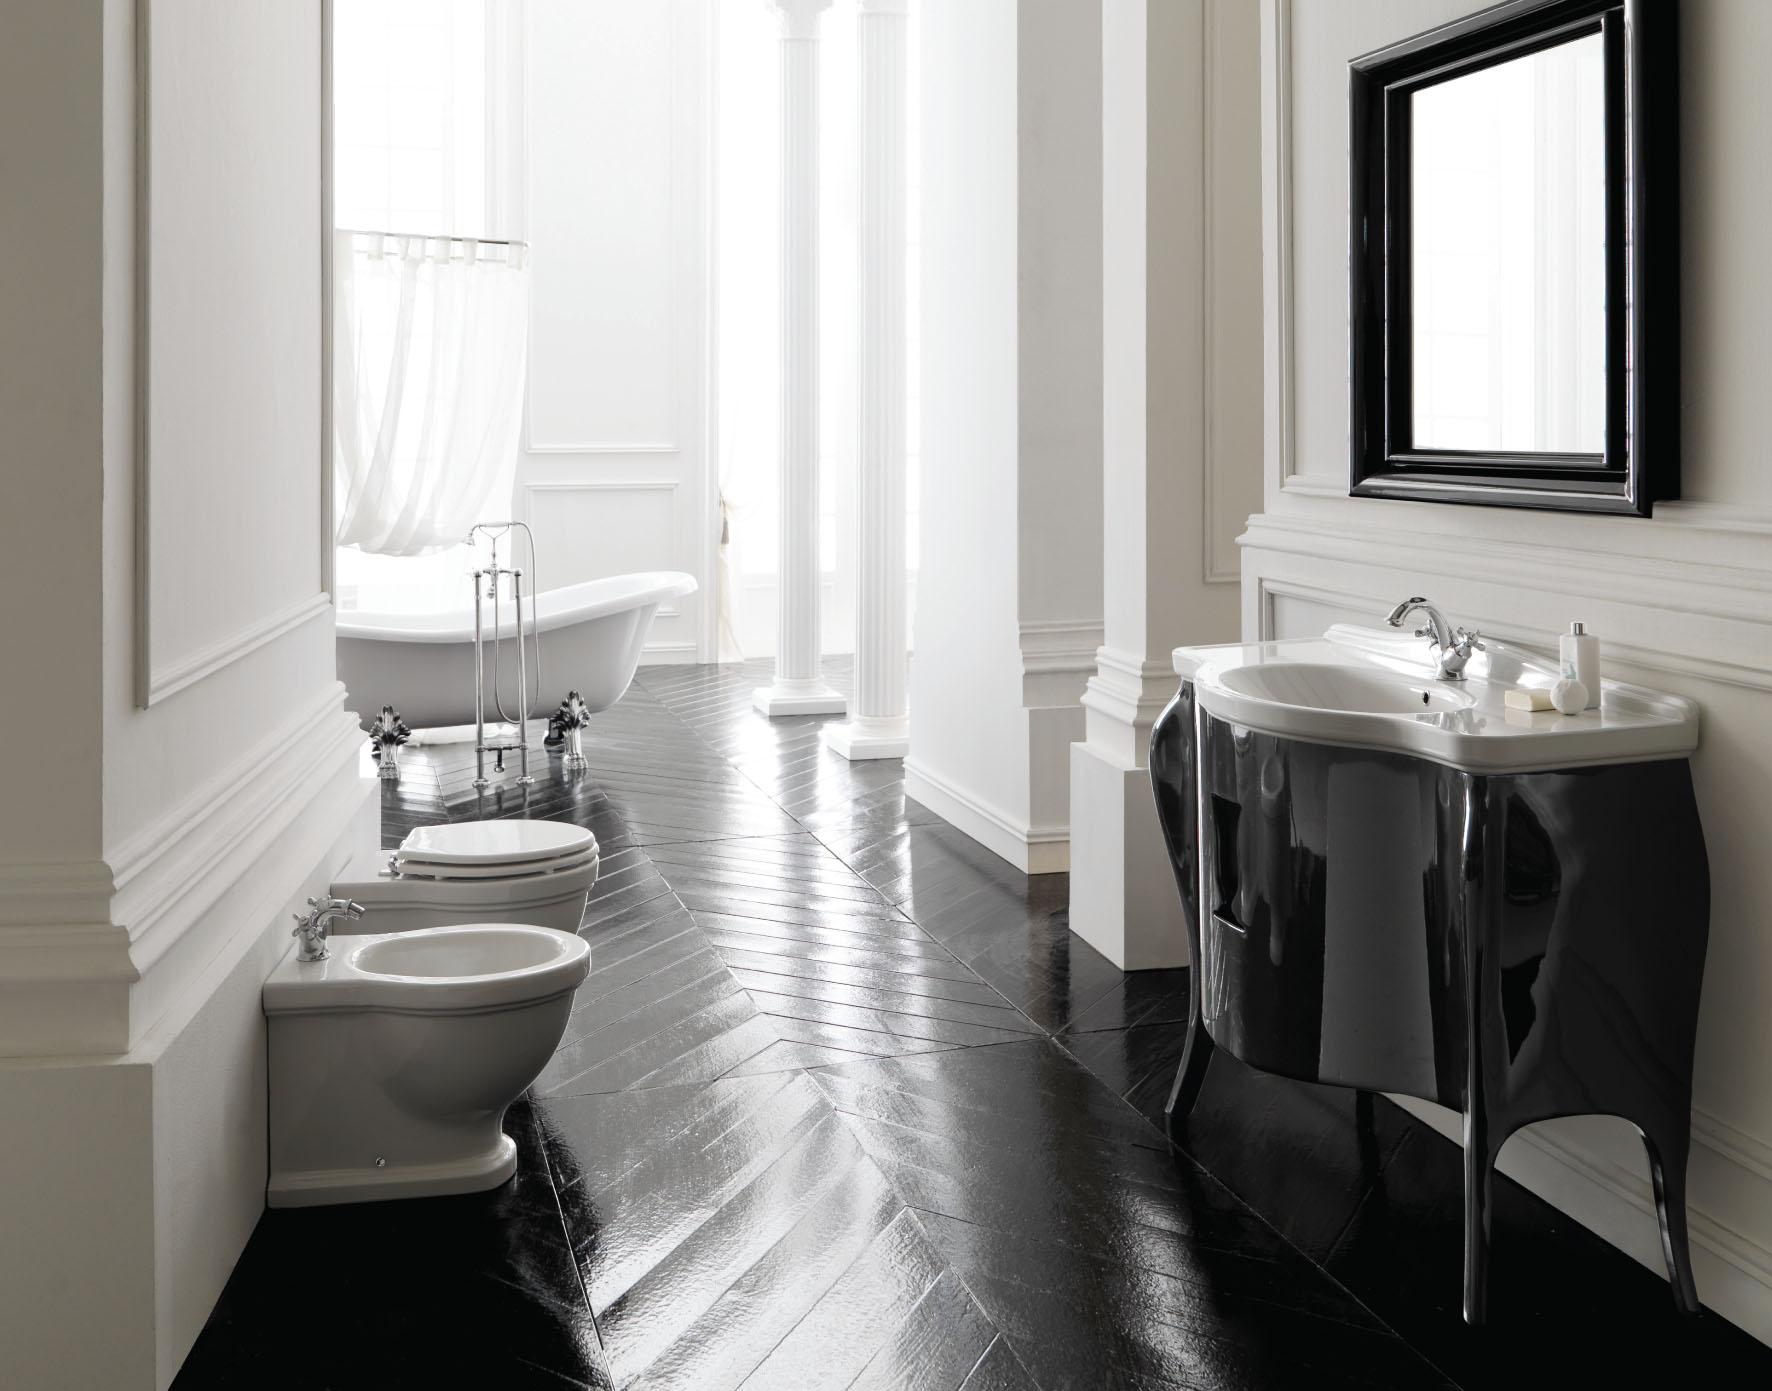 Tremendous 45 Magnificent Pictures Of Retro Bathroom Tile Design Ideas Largest Home Design Picture Inspirations Pitcheantrous